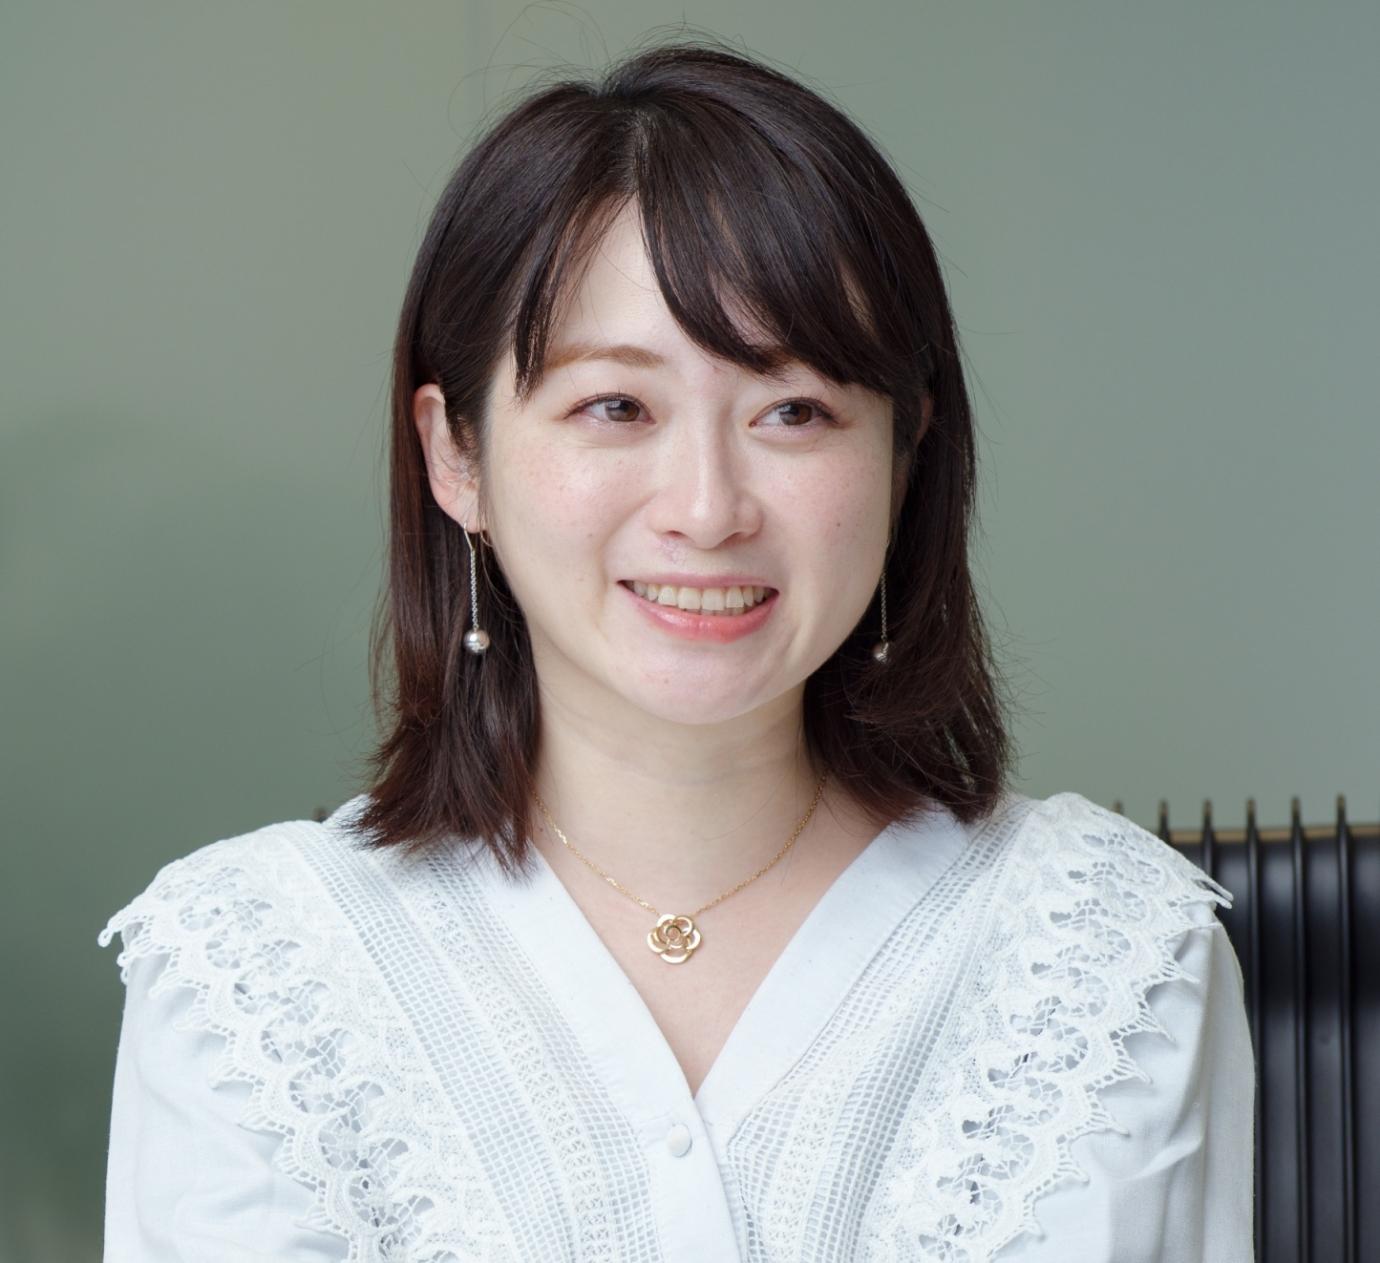 ラーメン評論家でありながら企業の広報、ライブ配信アプリ17Live(イチナナライブ)のトップライバーとしても活動中の本谷亜紀さん